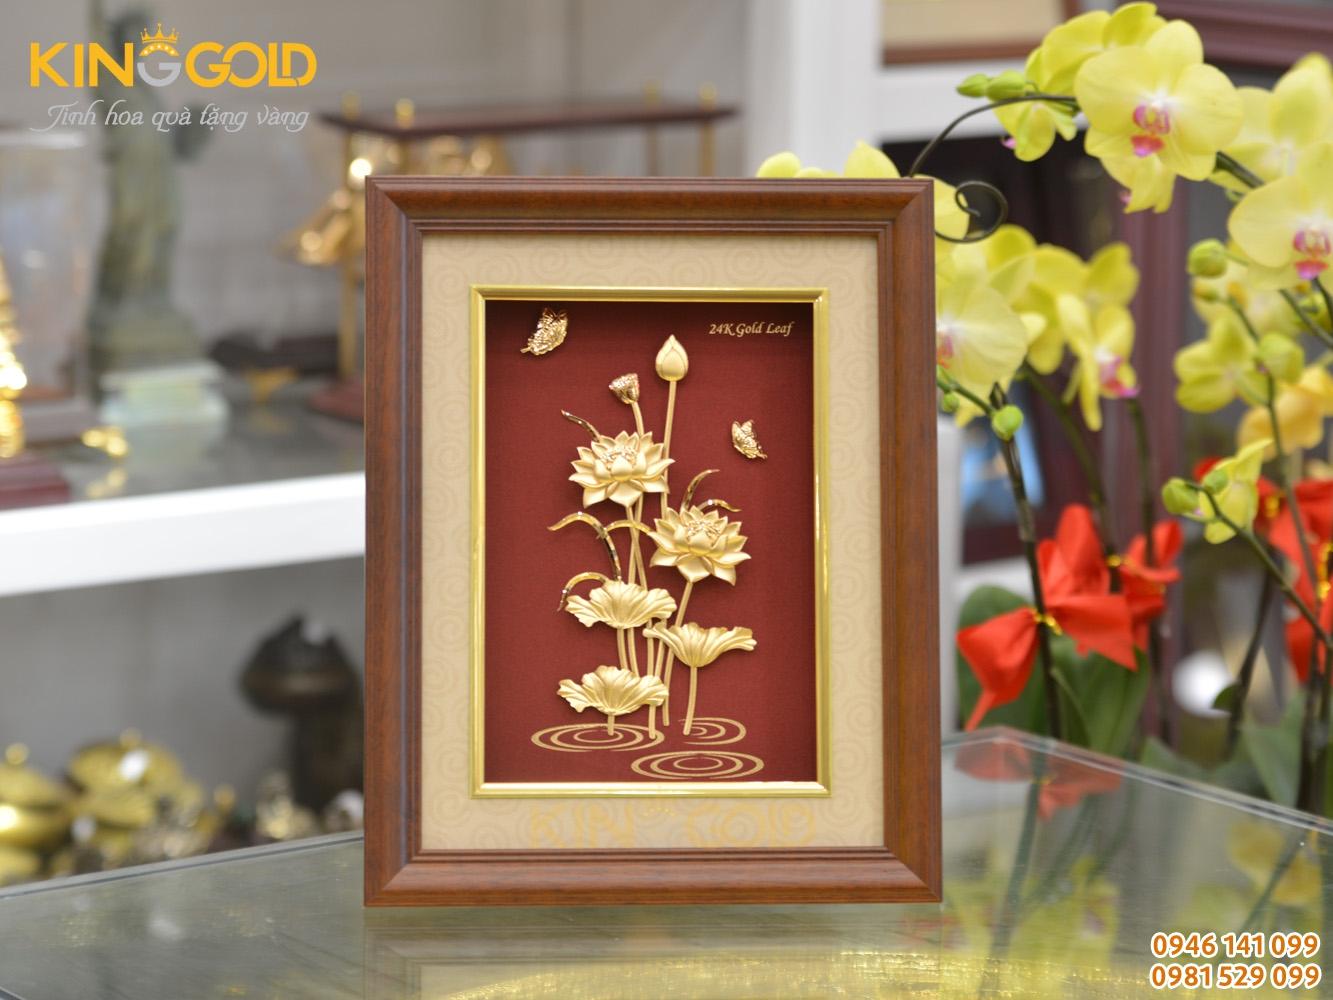 Mua tranh vàng – Đón xuân sang, rước lộc vàng